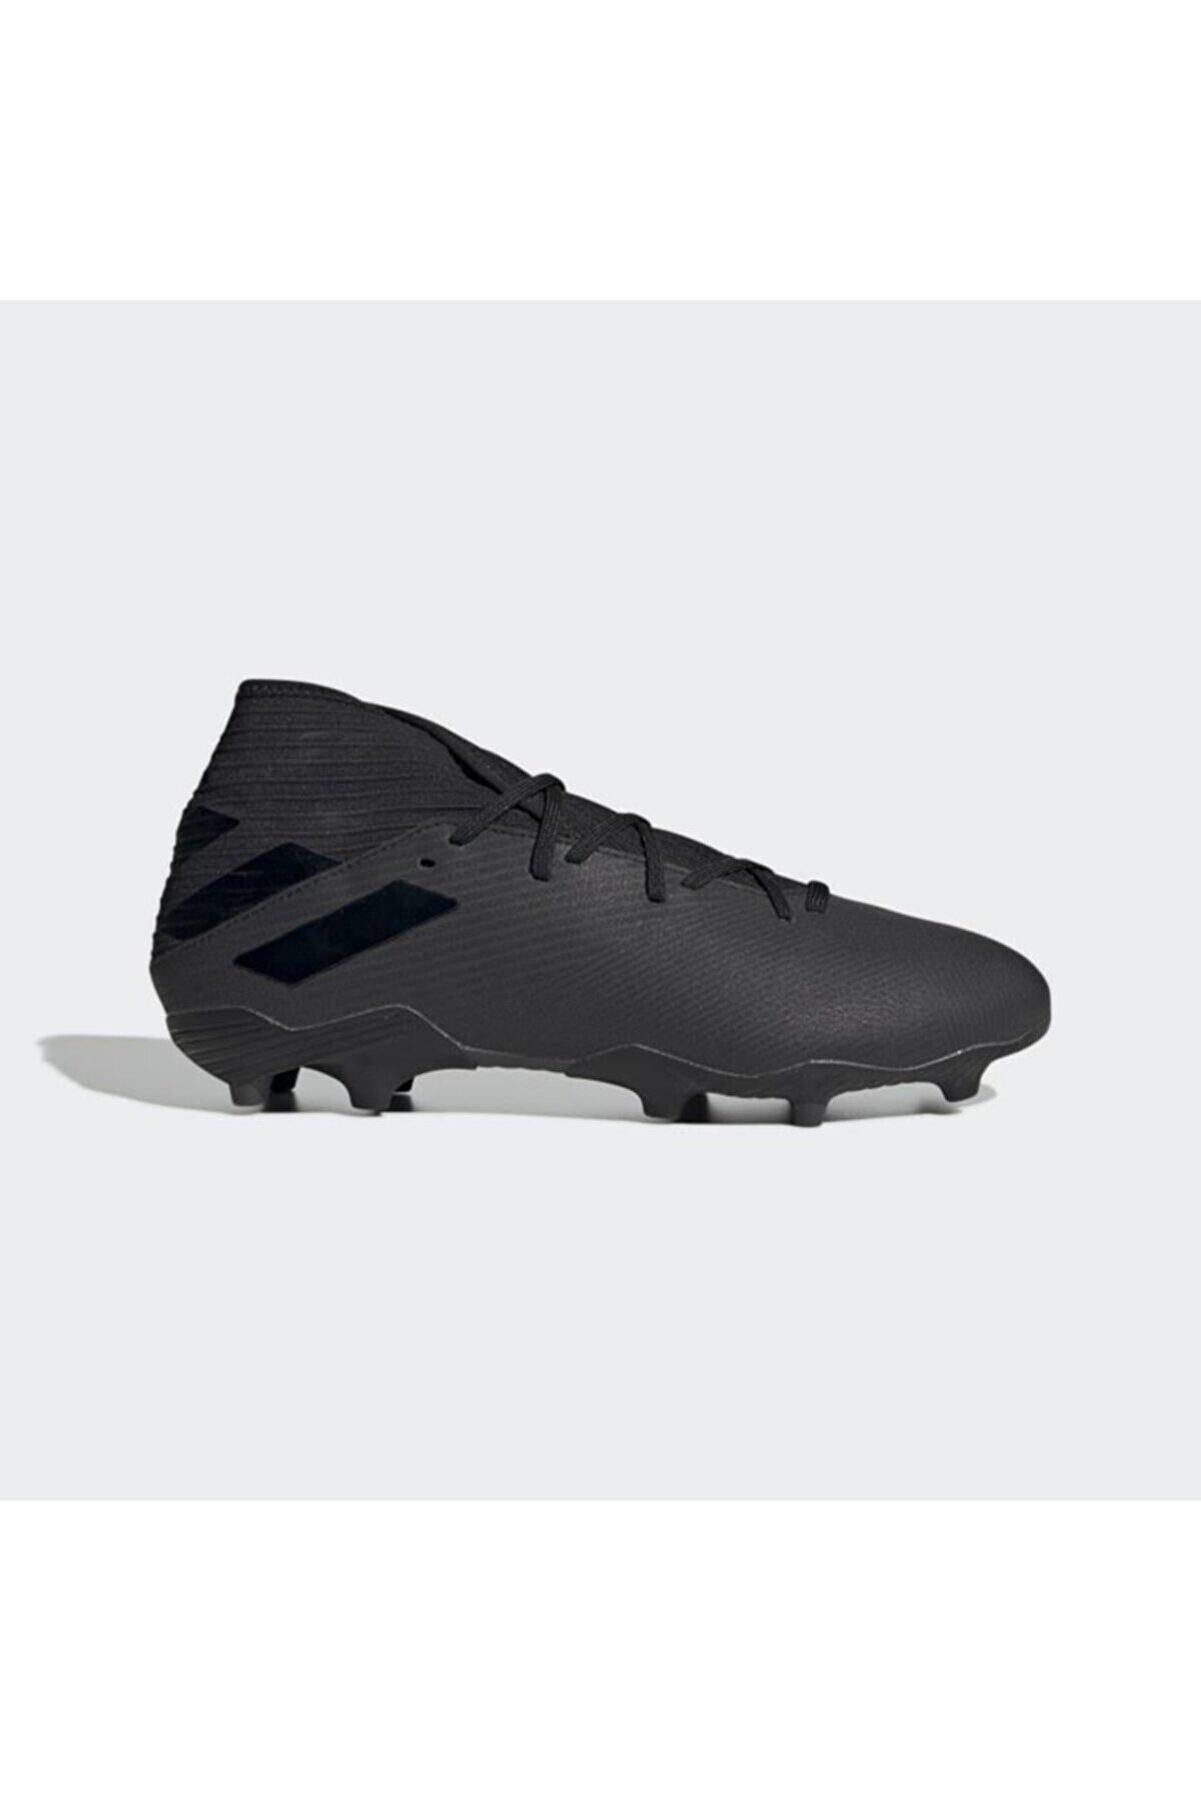 adidas Nemeziz 19.3 Fg Erkek Futbol Ayakkabısı Krampon - F34390